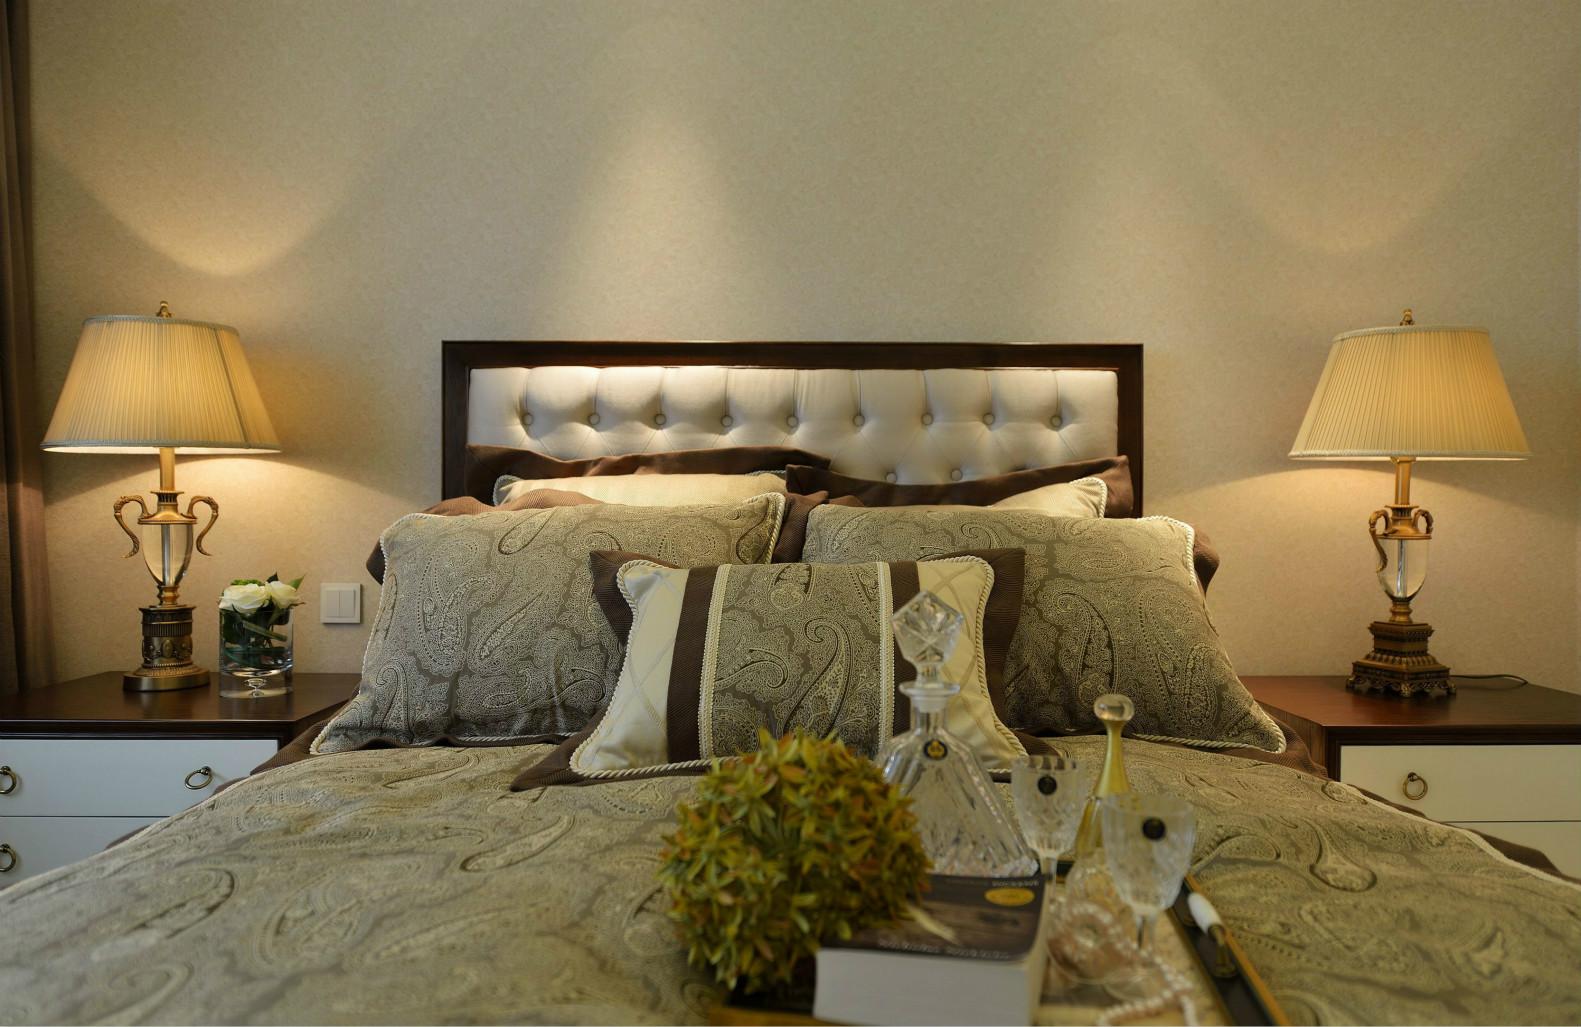 次卧空间选用能让人感觉安静温婉营造出一种娴静幽雅的舒适之感